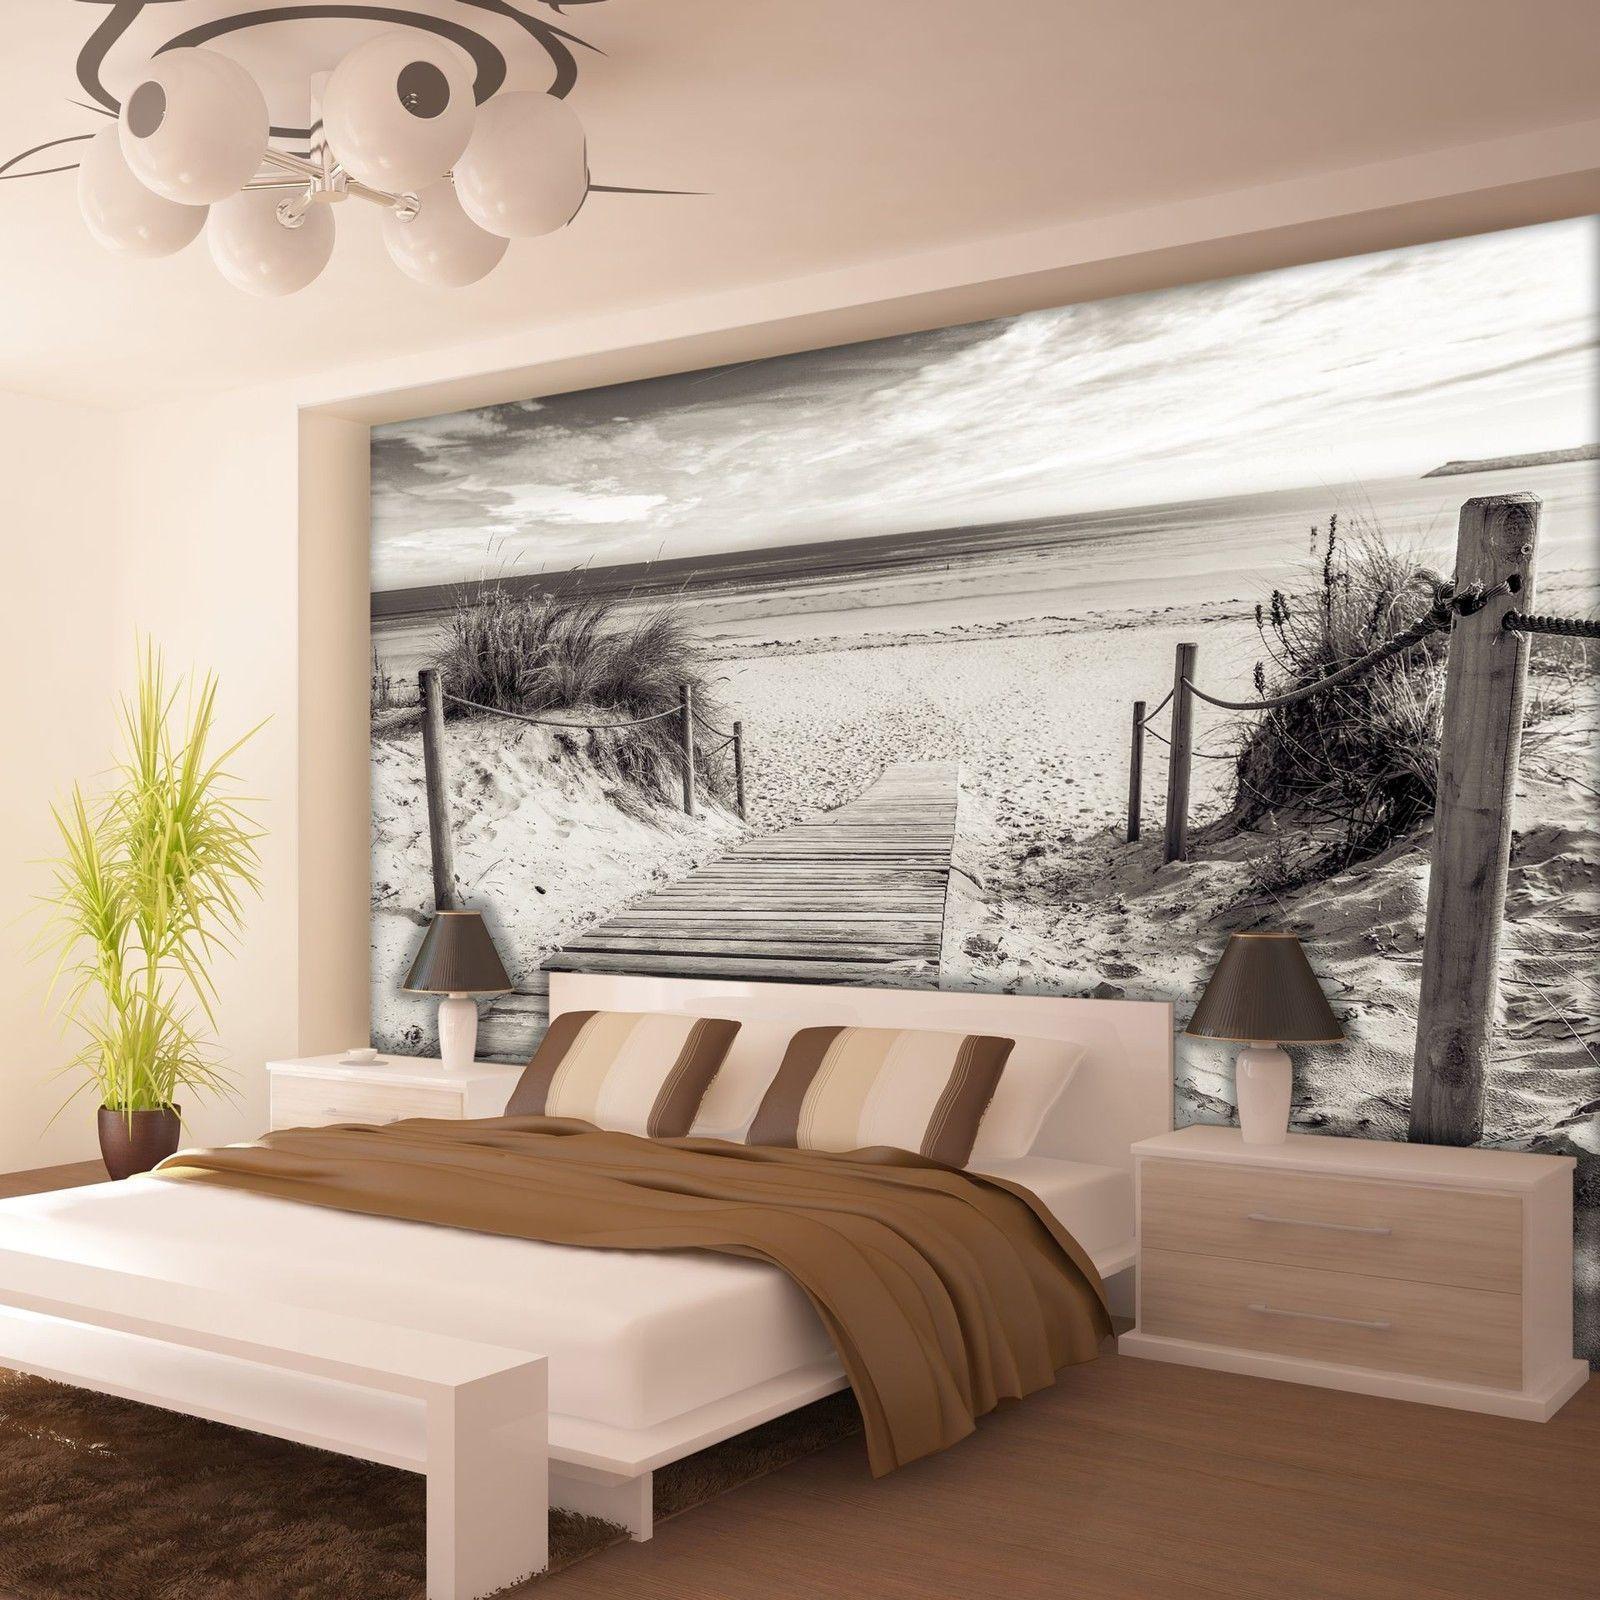 schlafzimmer gestalten strand wohnzimmer w nde streichen ideen pinterest schlafzimmer. Black Bedroom Furniture Sets. Home Design Ideas